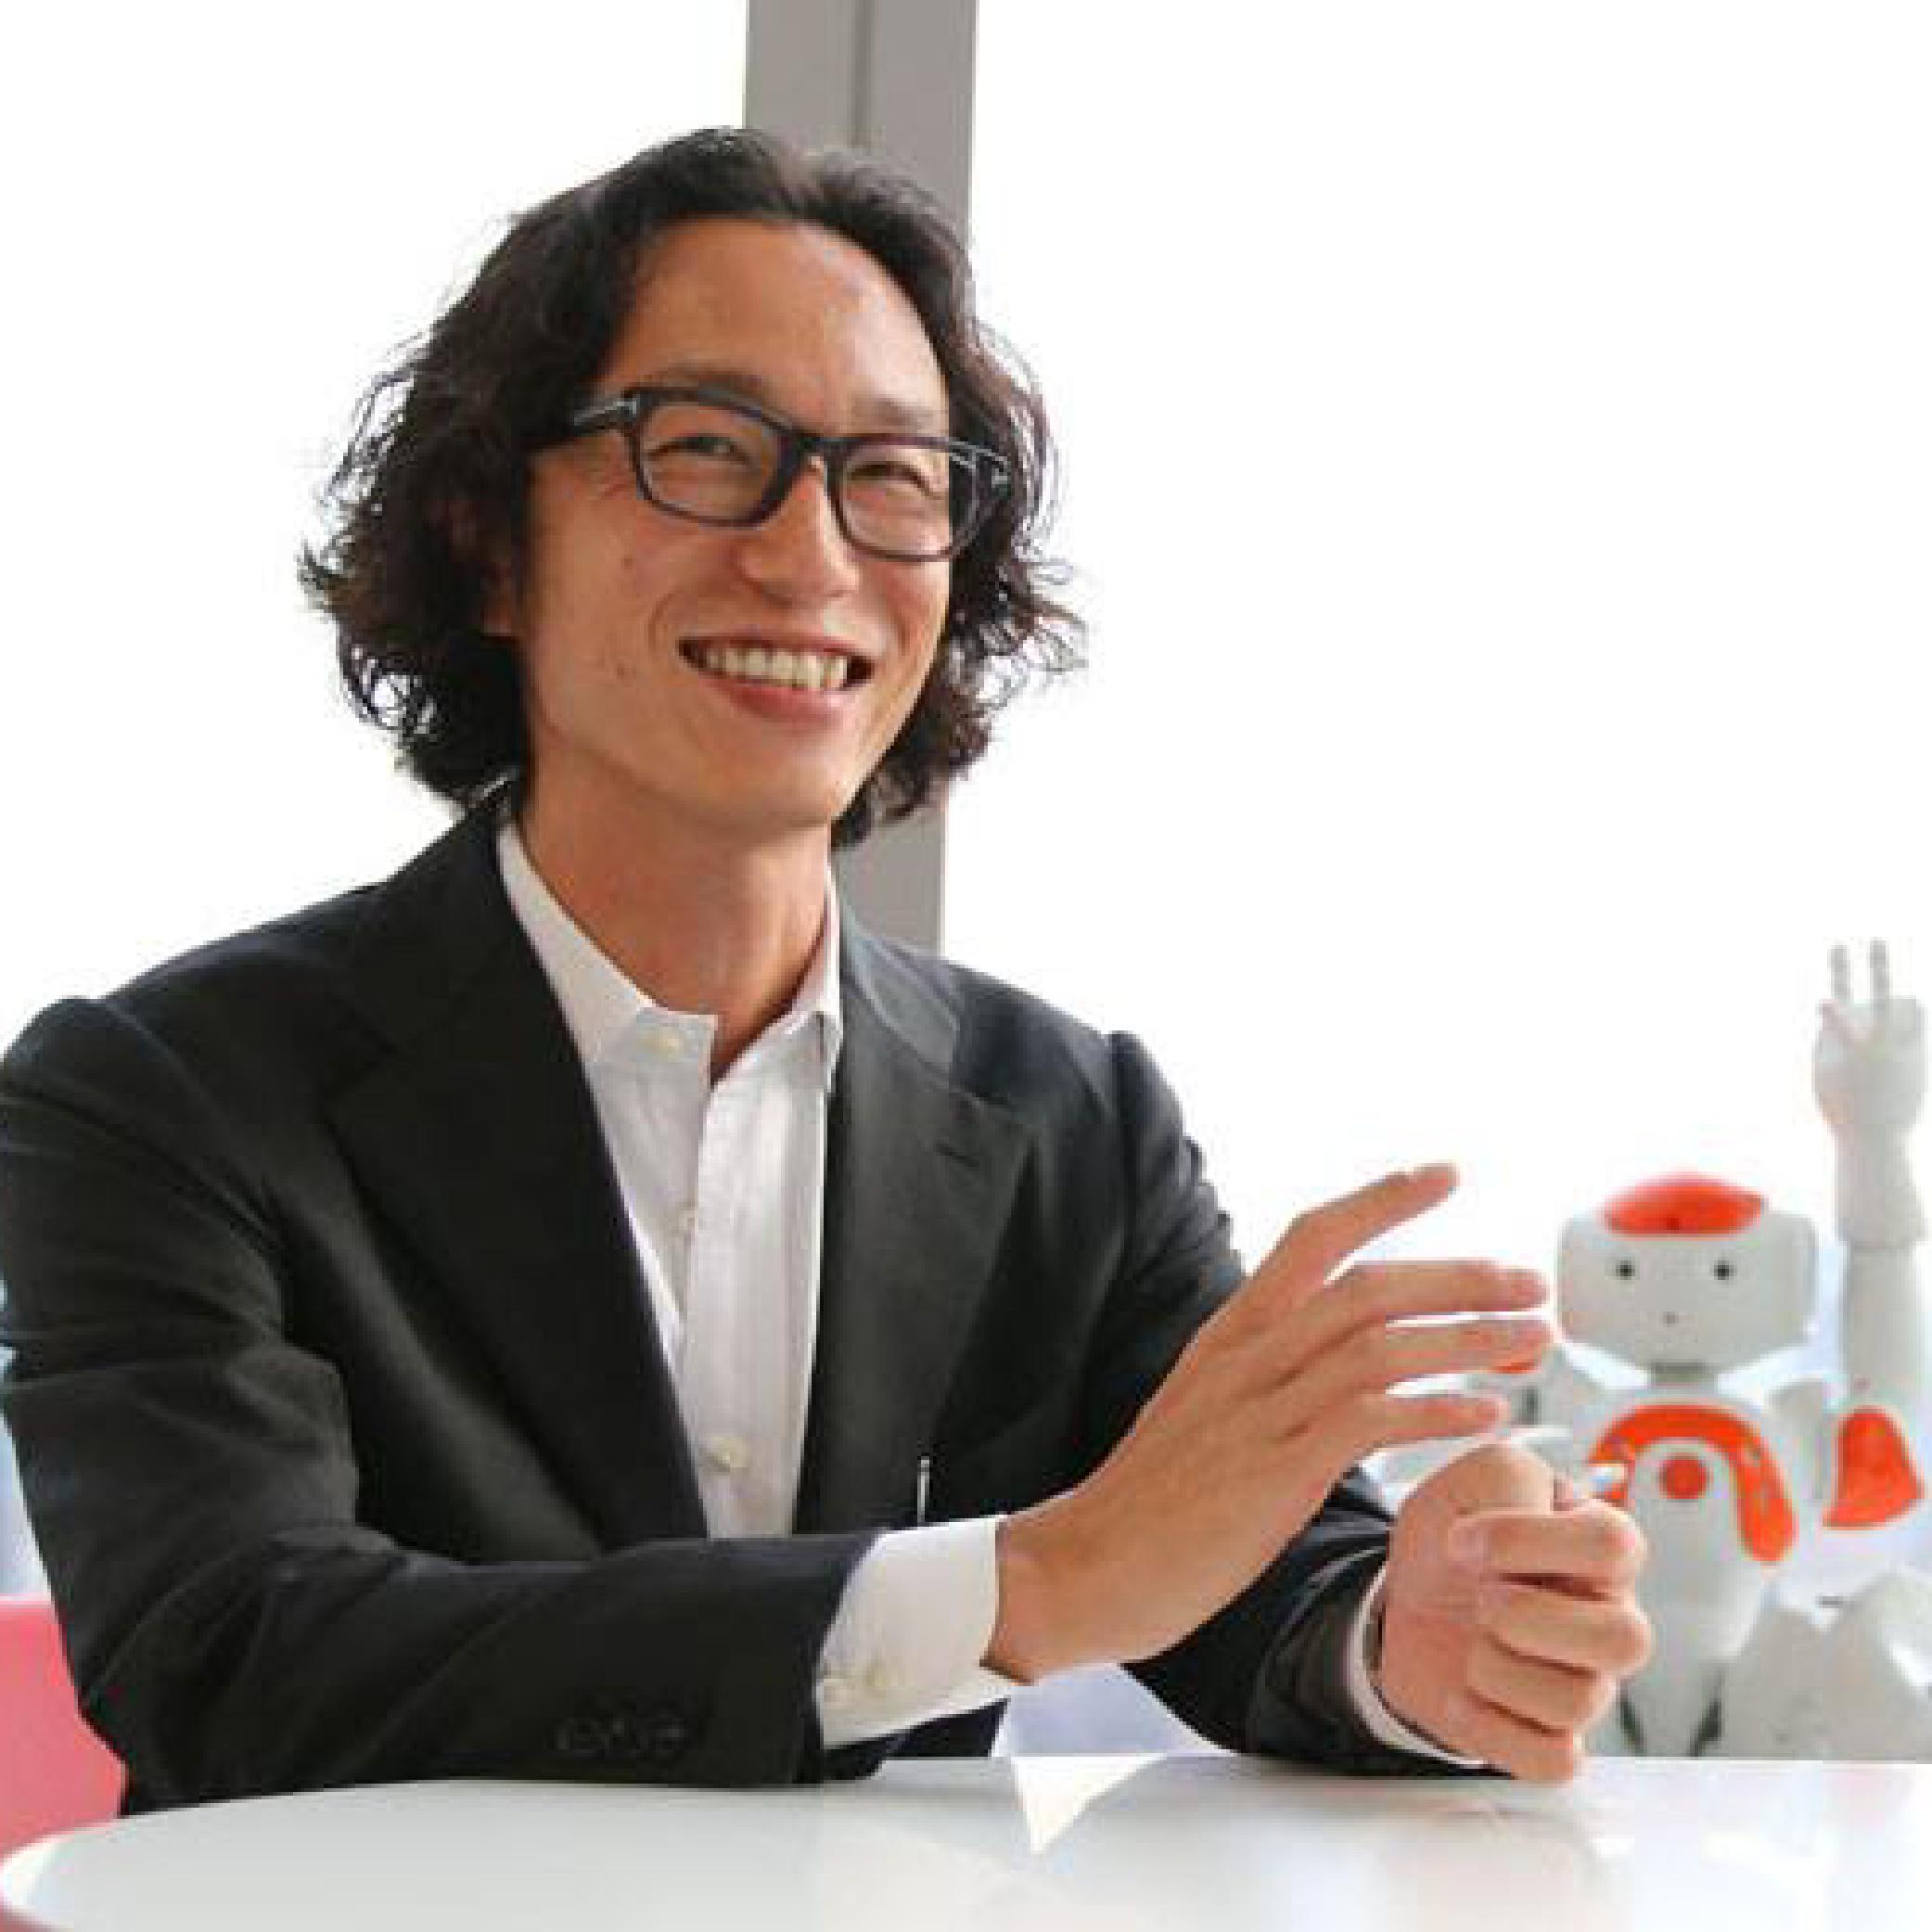 リンクトイン・ジャパン株式会社日本代表兼フィラメントCSO最高戦略責任者村上